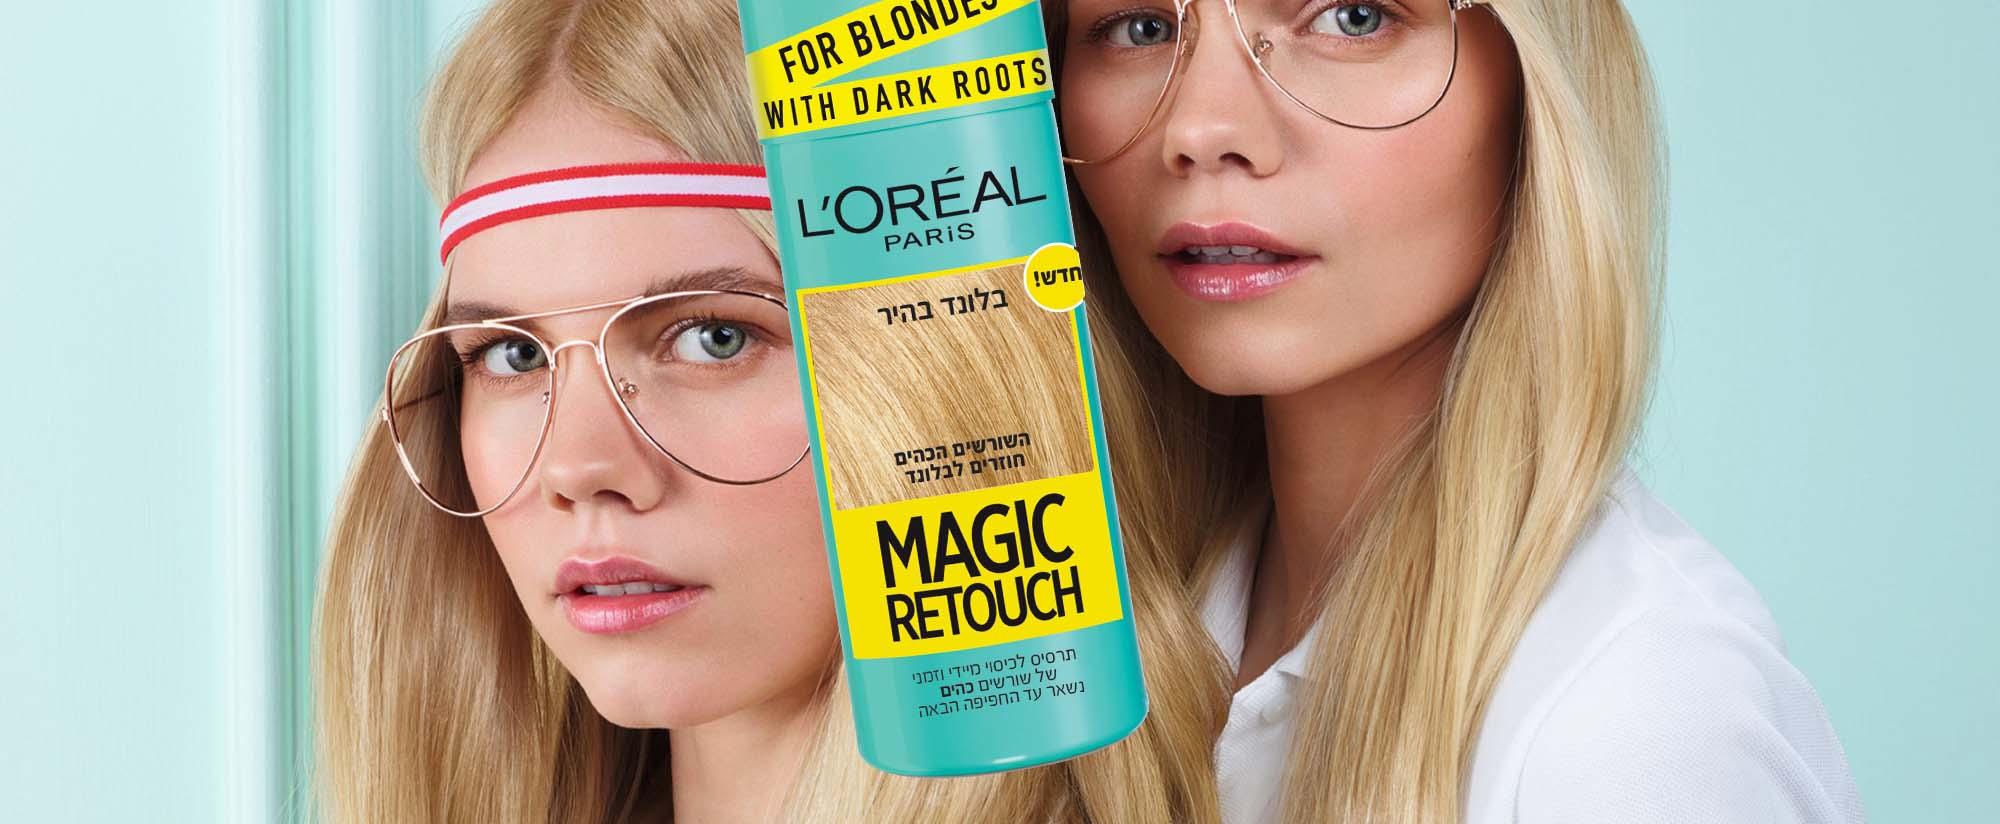 מגיק ריטאץ לצבועות שיער בלונדיני לוריאל פריז מחיר השקה ינואר 2020 29.90שח במקום2)